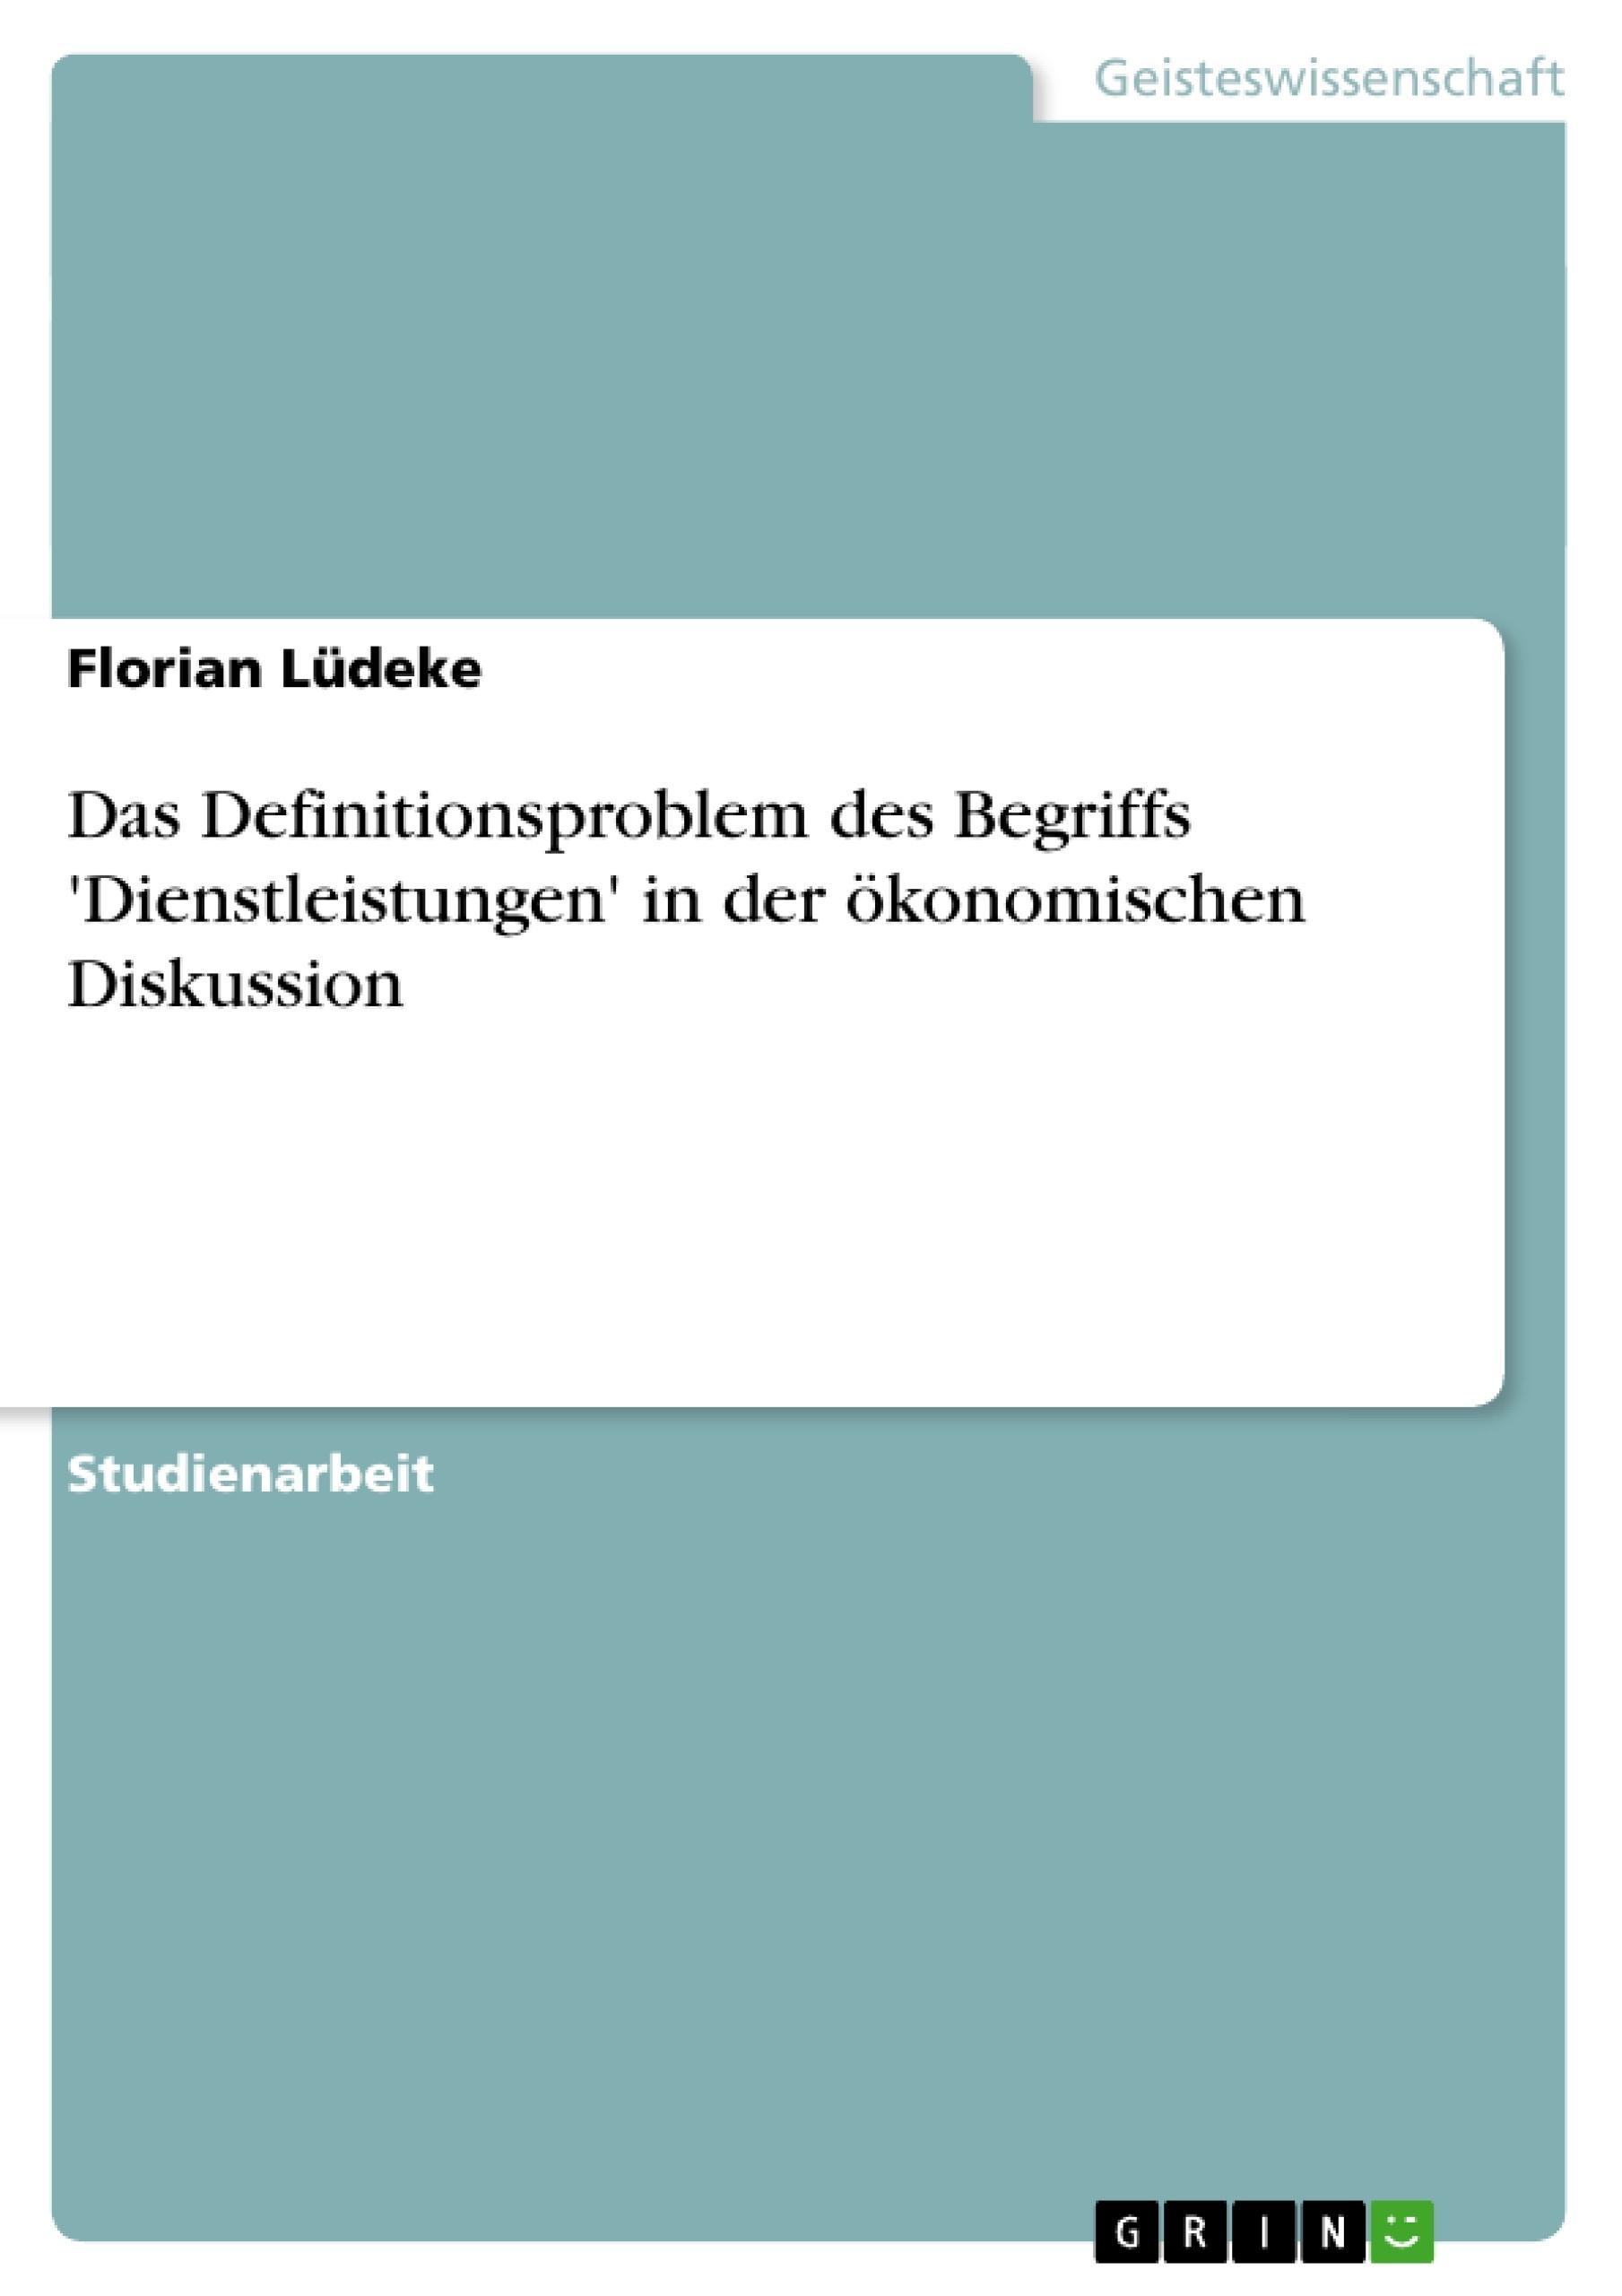 Titel: Das Definitionsproblem des Begriffs 'Dienstleistungen' in der ökonomischen Diskussion